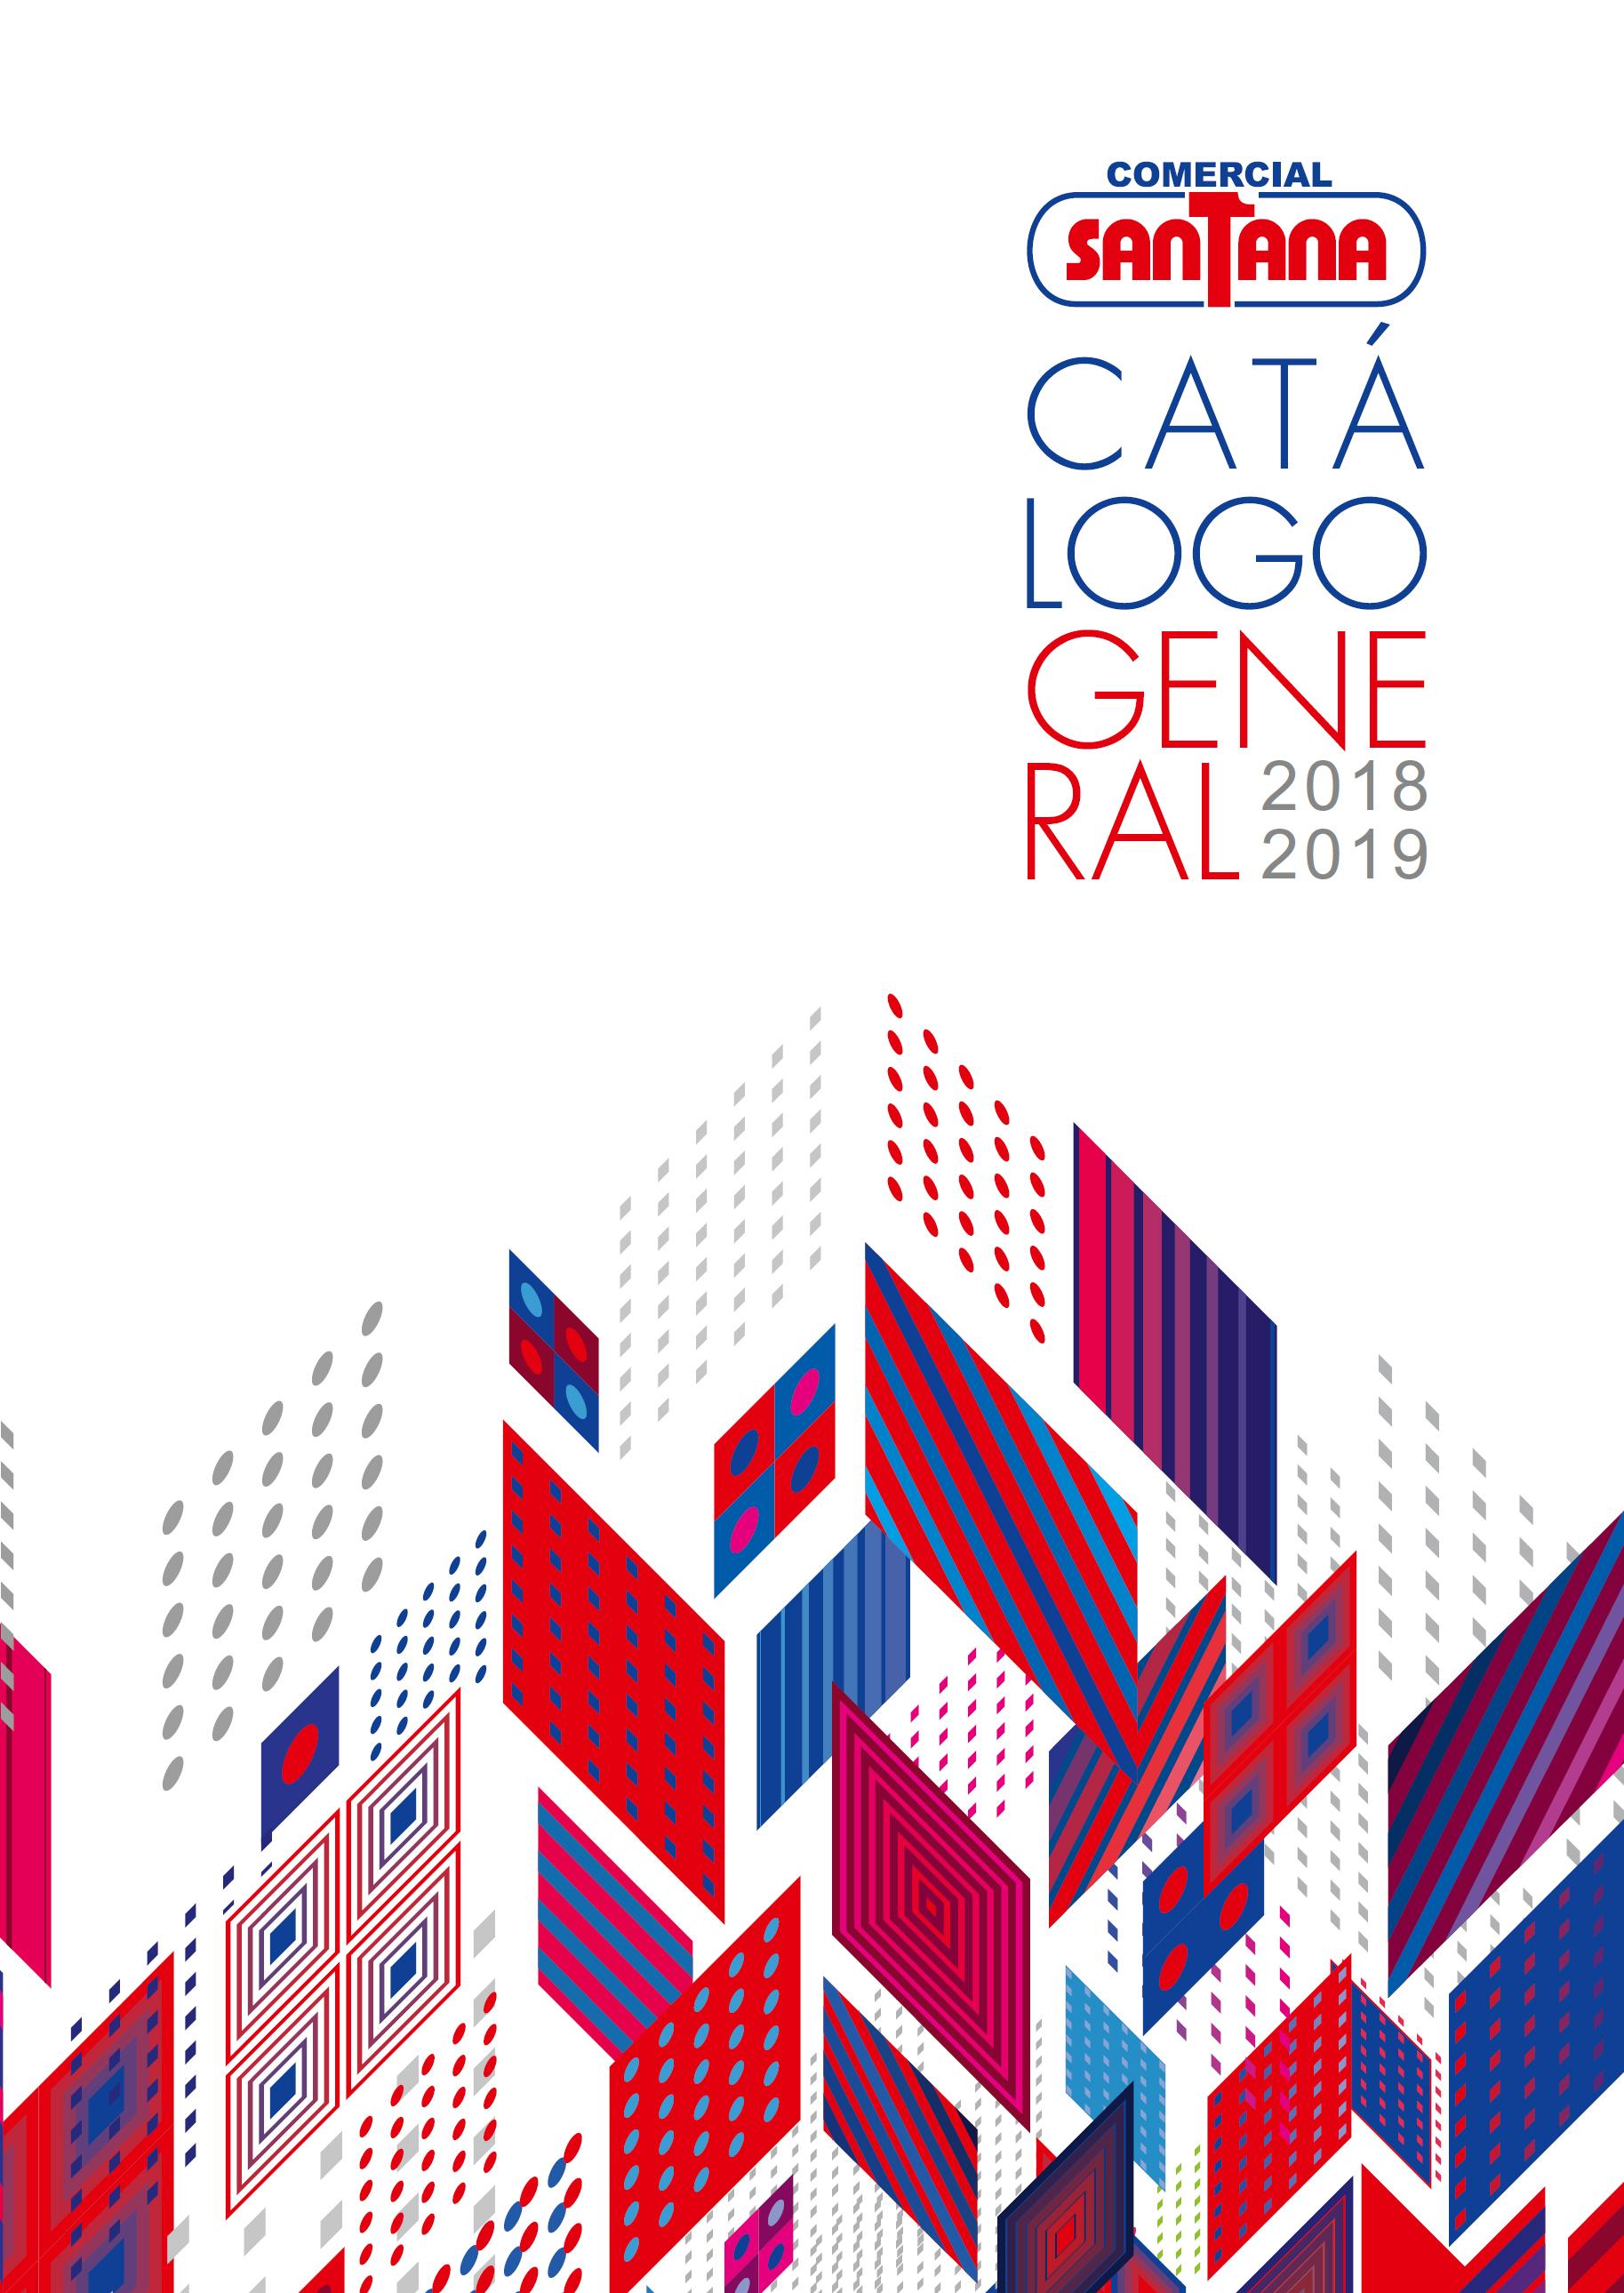 Catálogo General 2018-2019